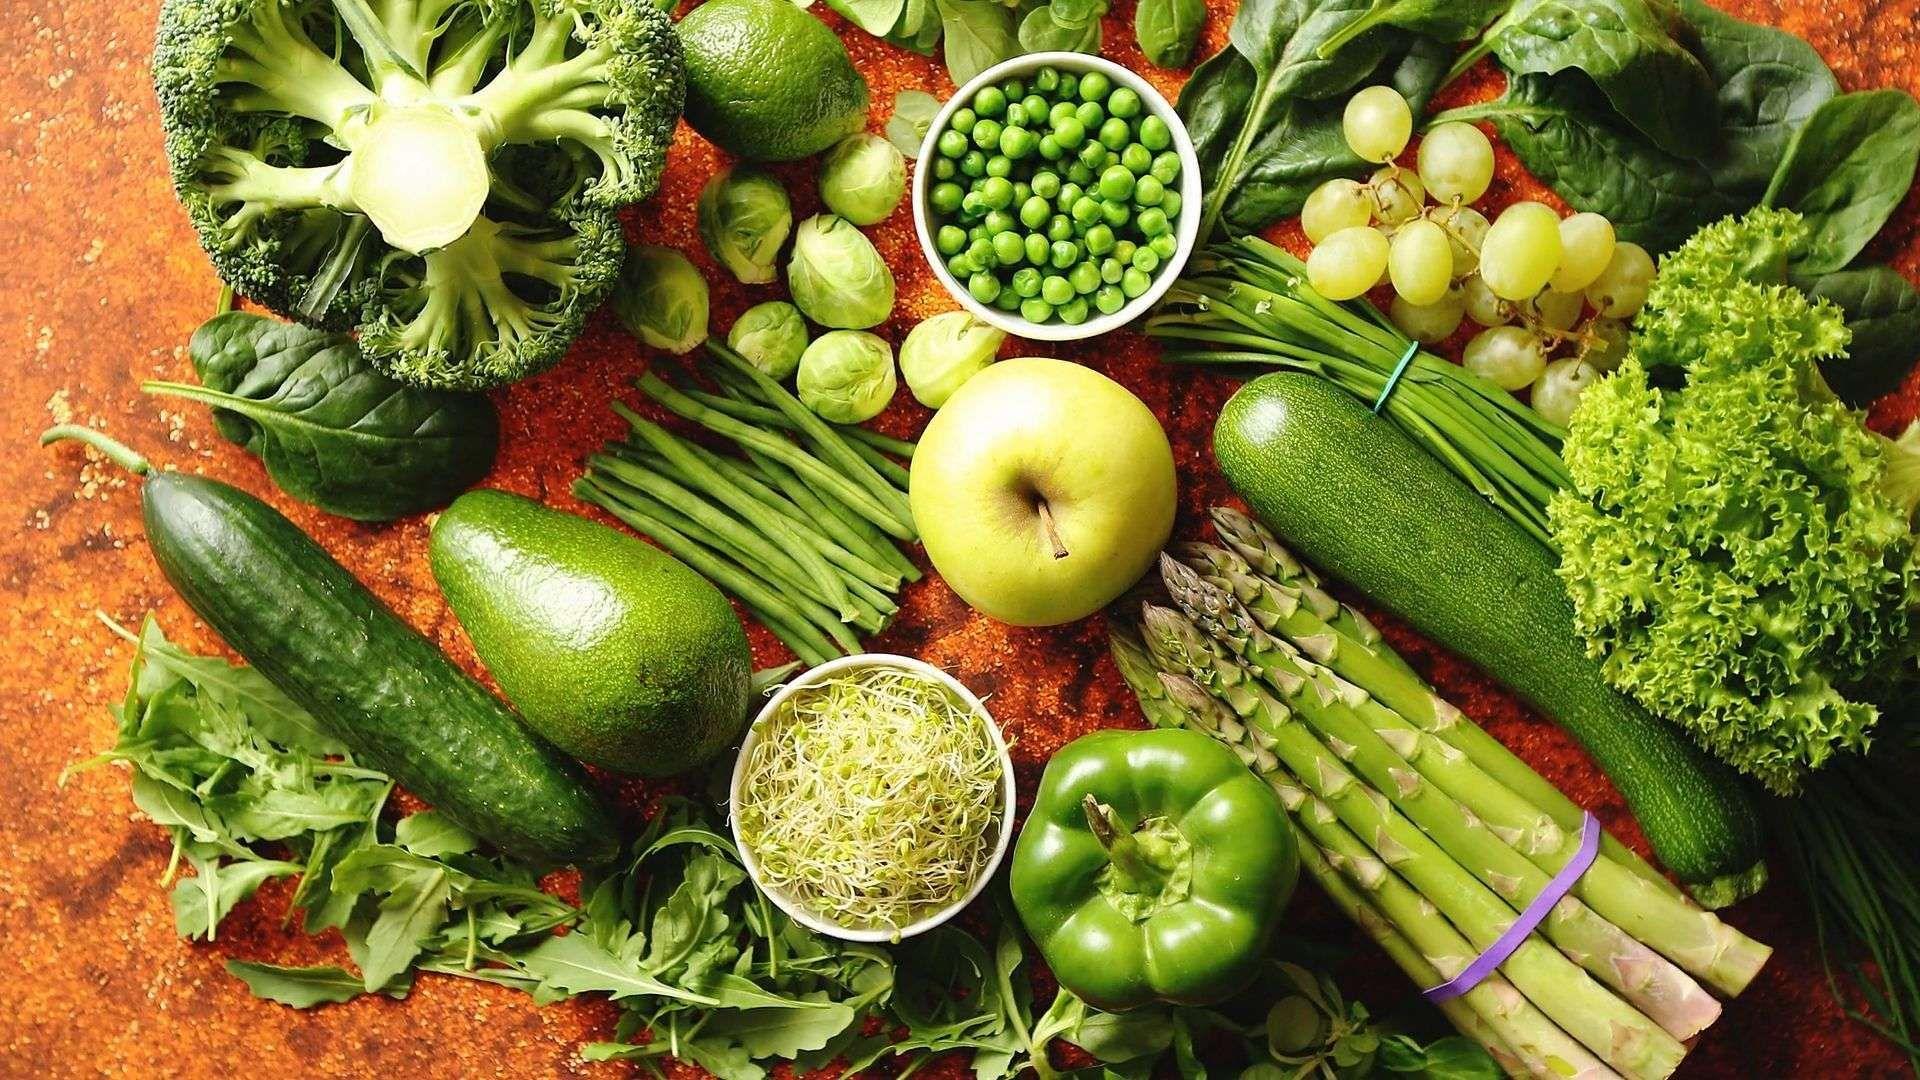 Gesunde Lebensmittel: Diese 10 Lebensmittel sollte man täglich essen